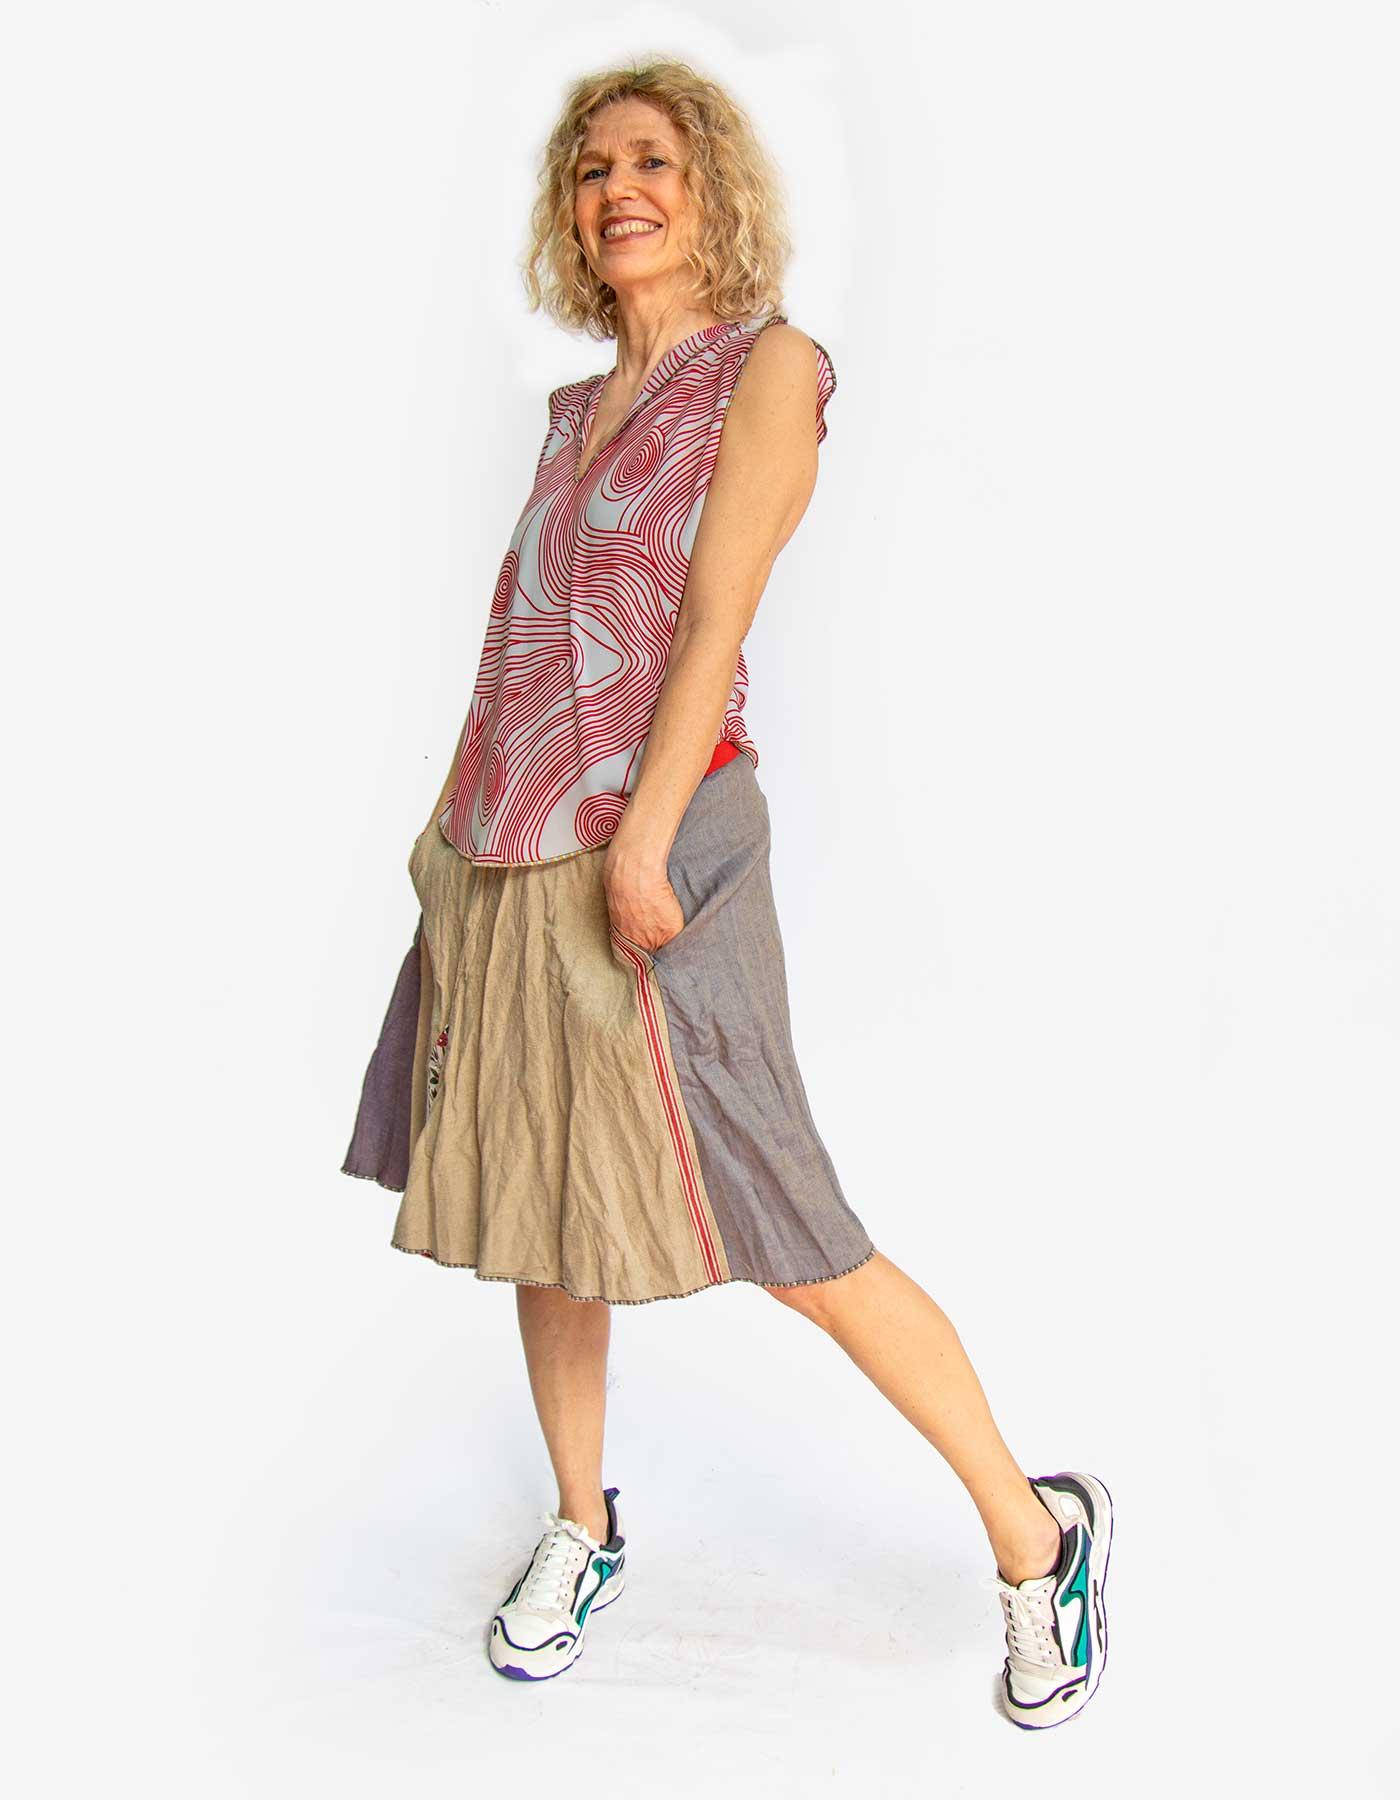 Kleider von Ewa Kuich Rock Upcycling + Luftgewicht Minitop